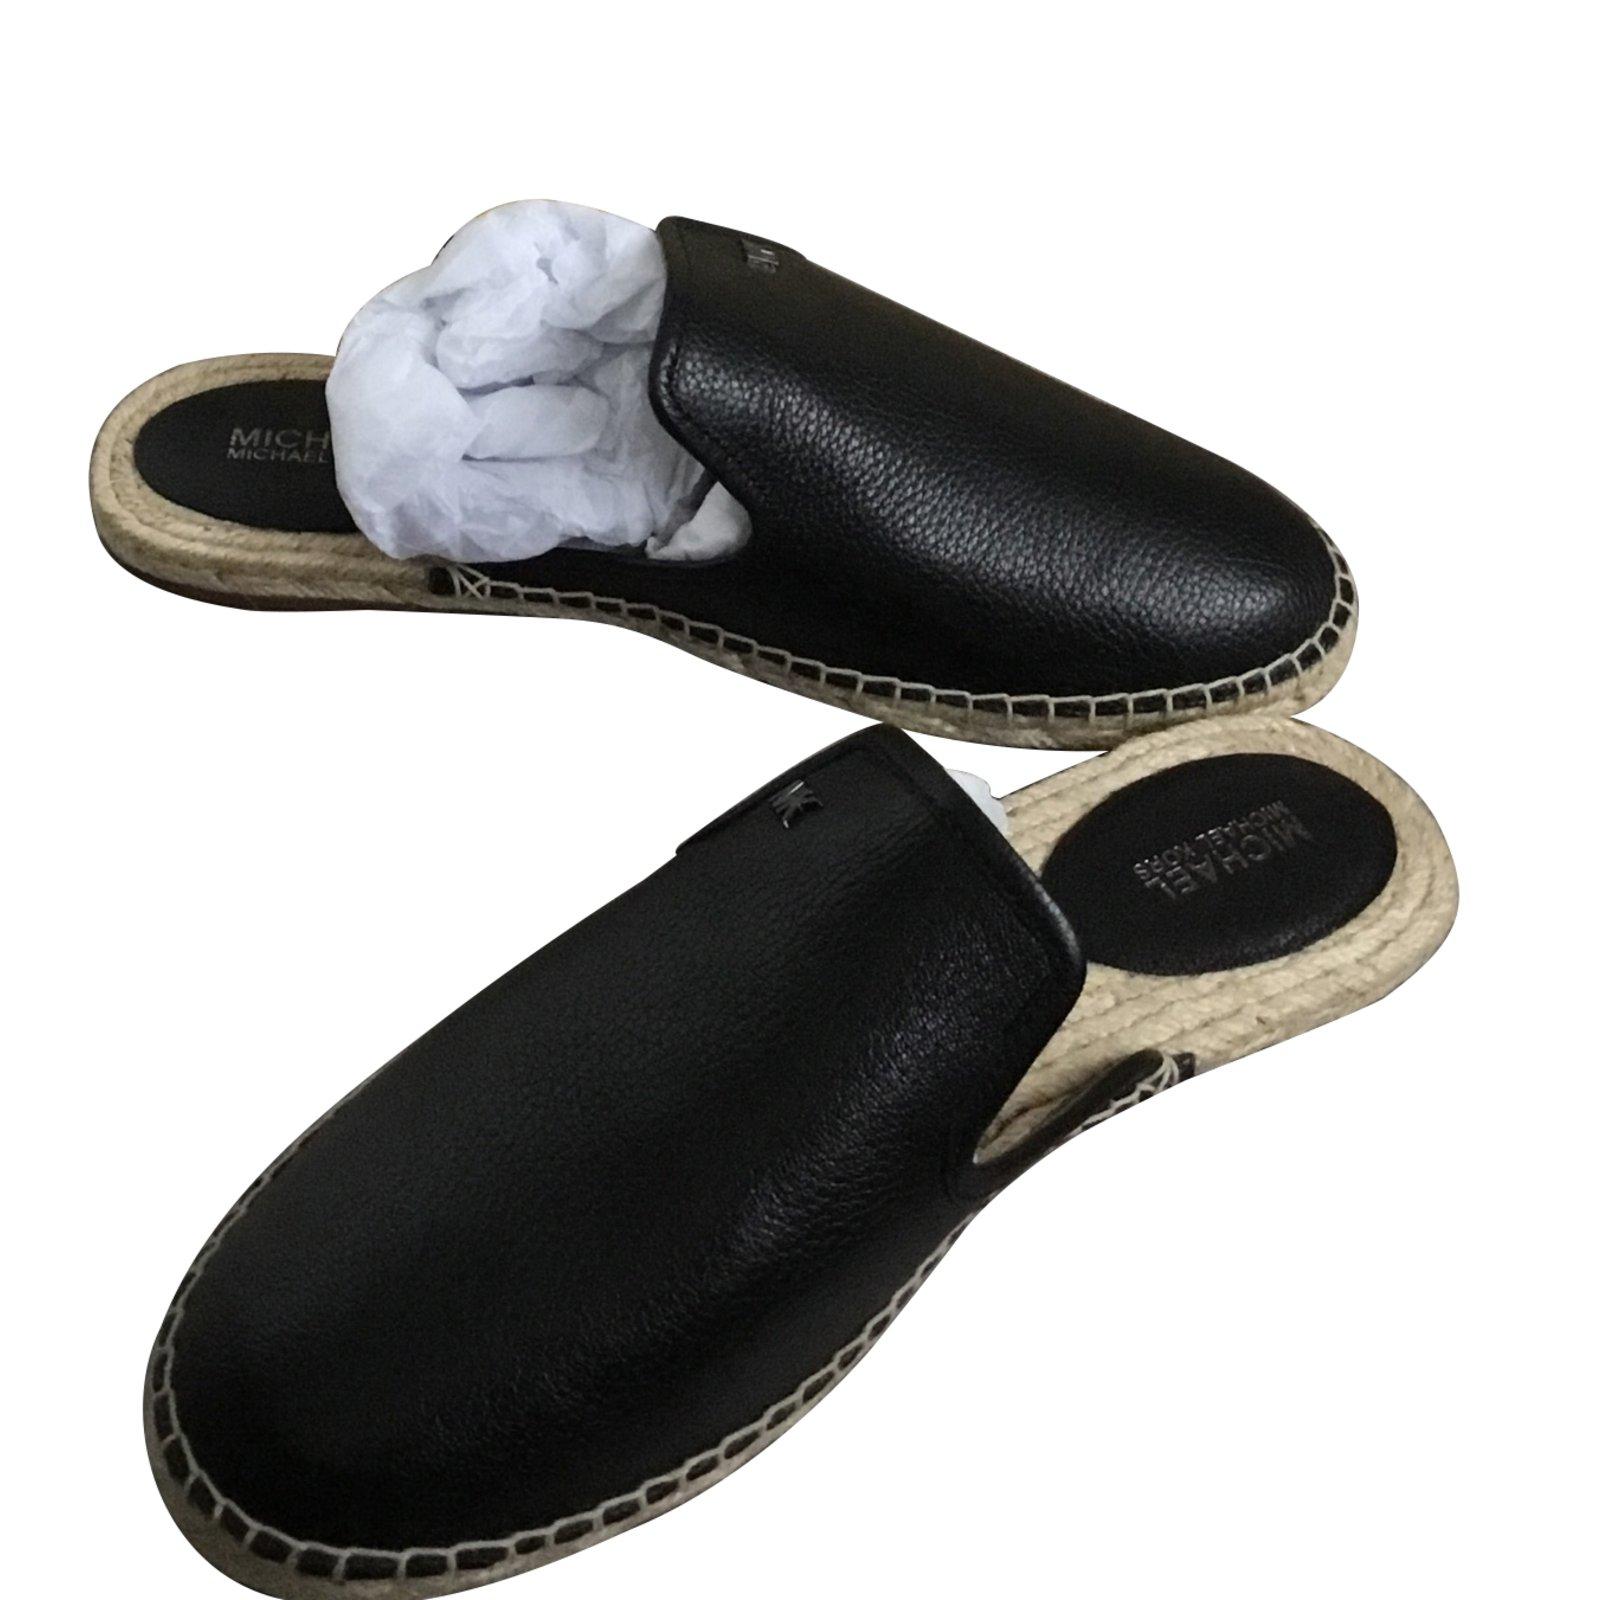 3b276e70a2c9 Michael Kors Mules Mules Leather Black ref.88910 - Joli Closet